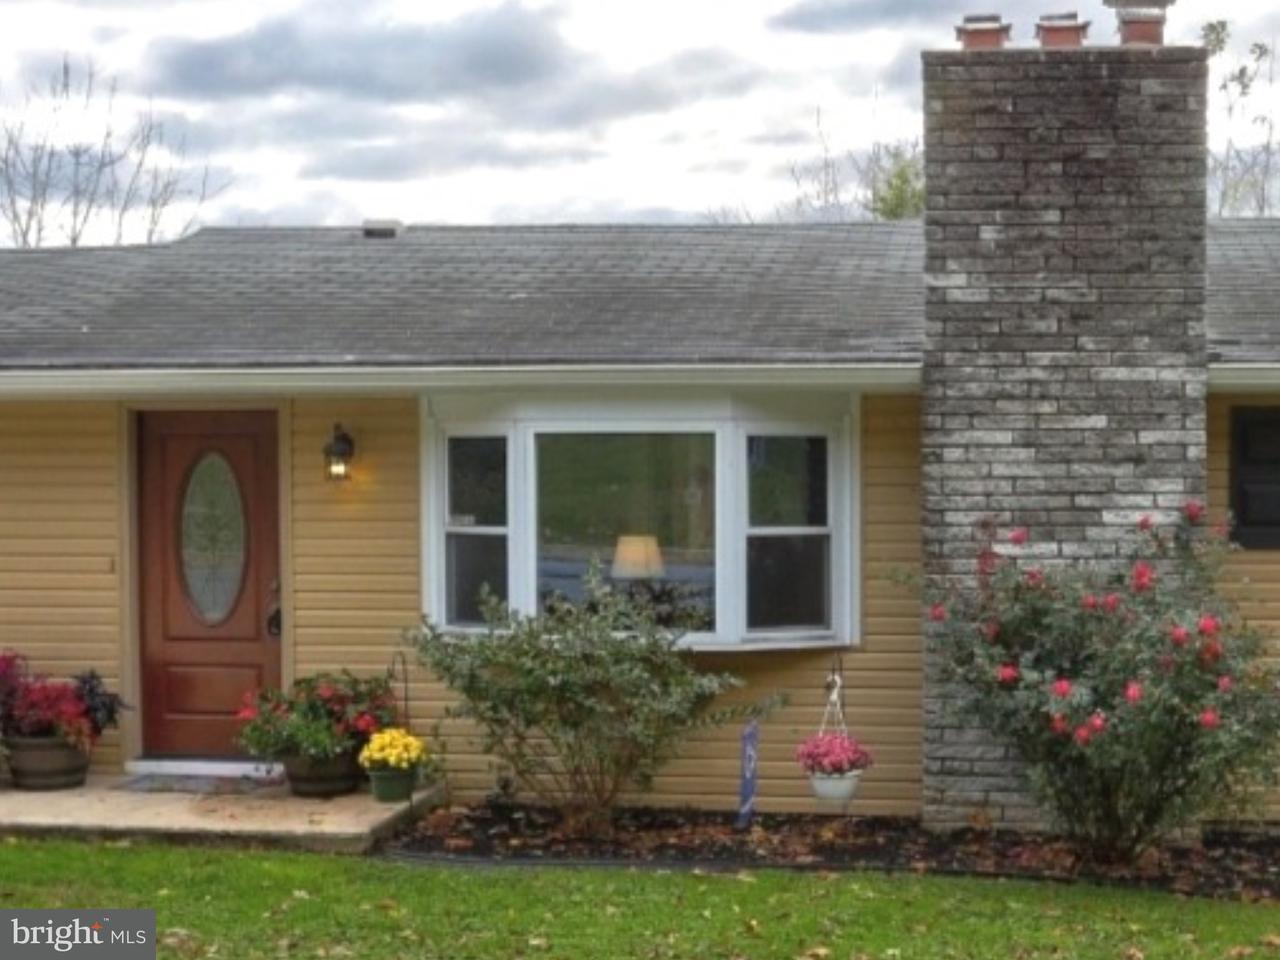 Частный односемейный дом для того Продажа на 451 RIDGE Avenue Ephrata, Пенсильвания 17522 Соединенные Штаты